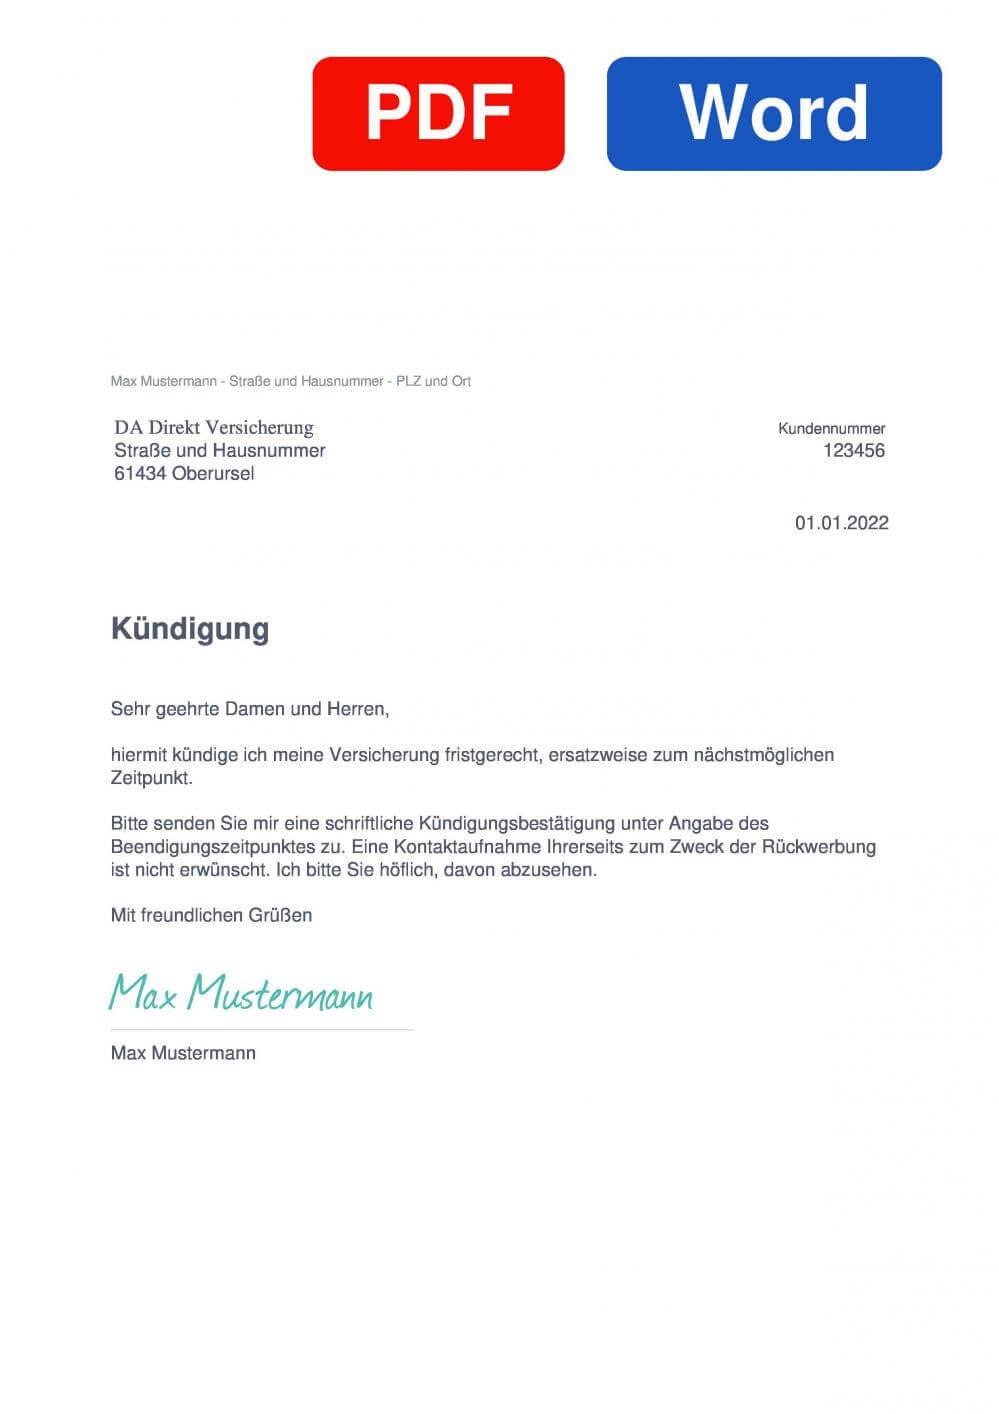 DA Deutsche Allgemeine Versicherung Hausratversicherung Muster Vorlage für Kündigungsschreiben